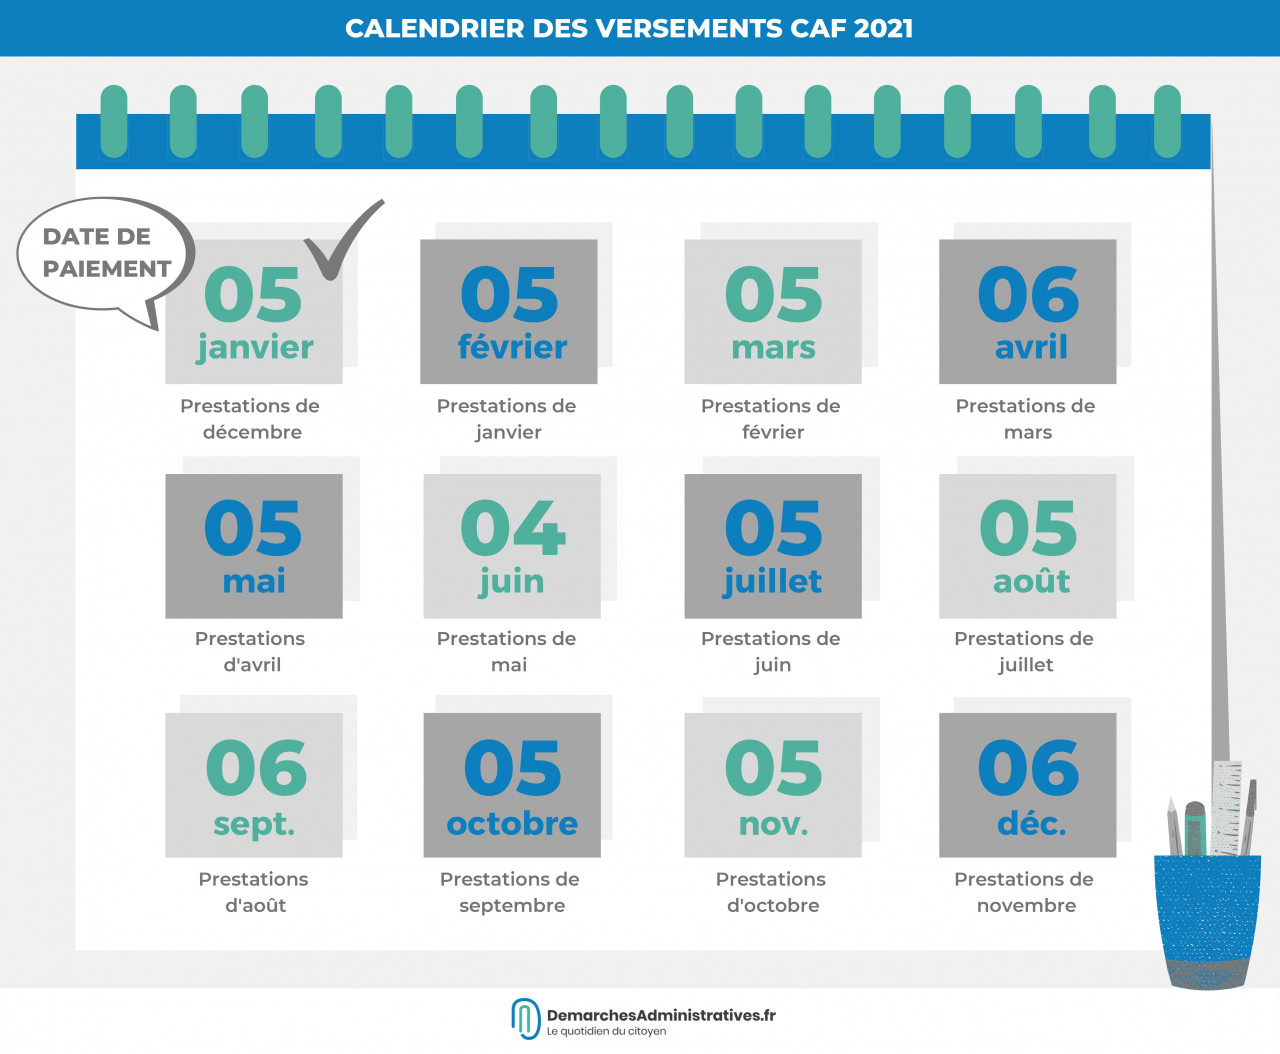 CAF : le calendrier des versements 2021